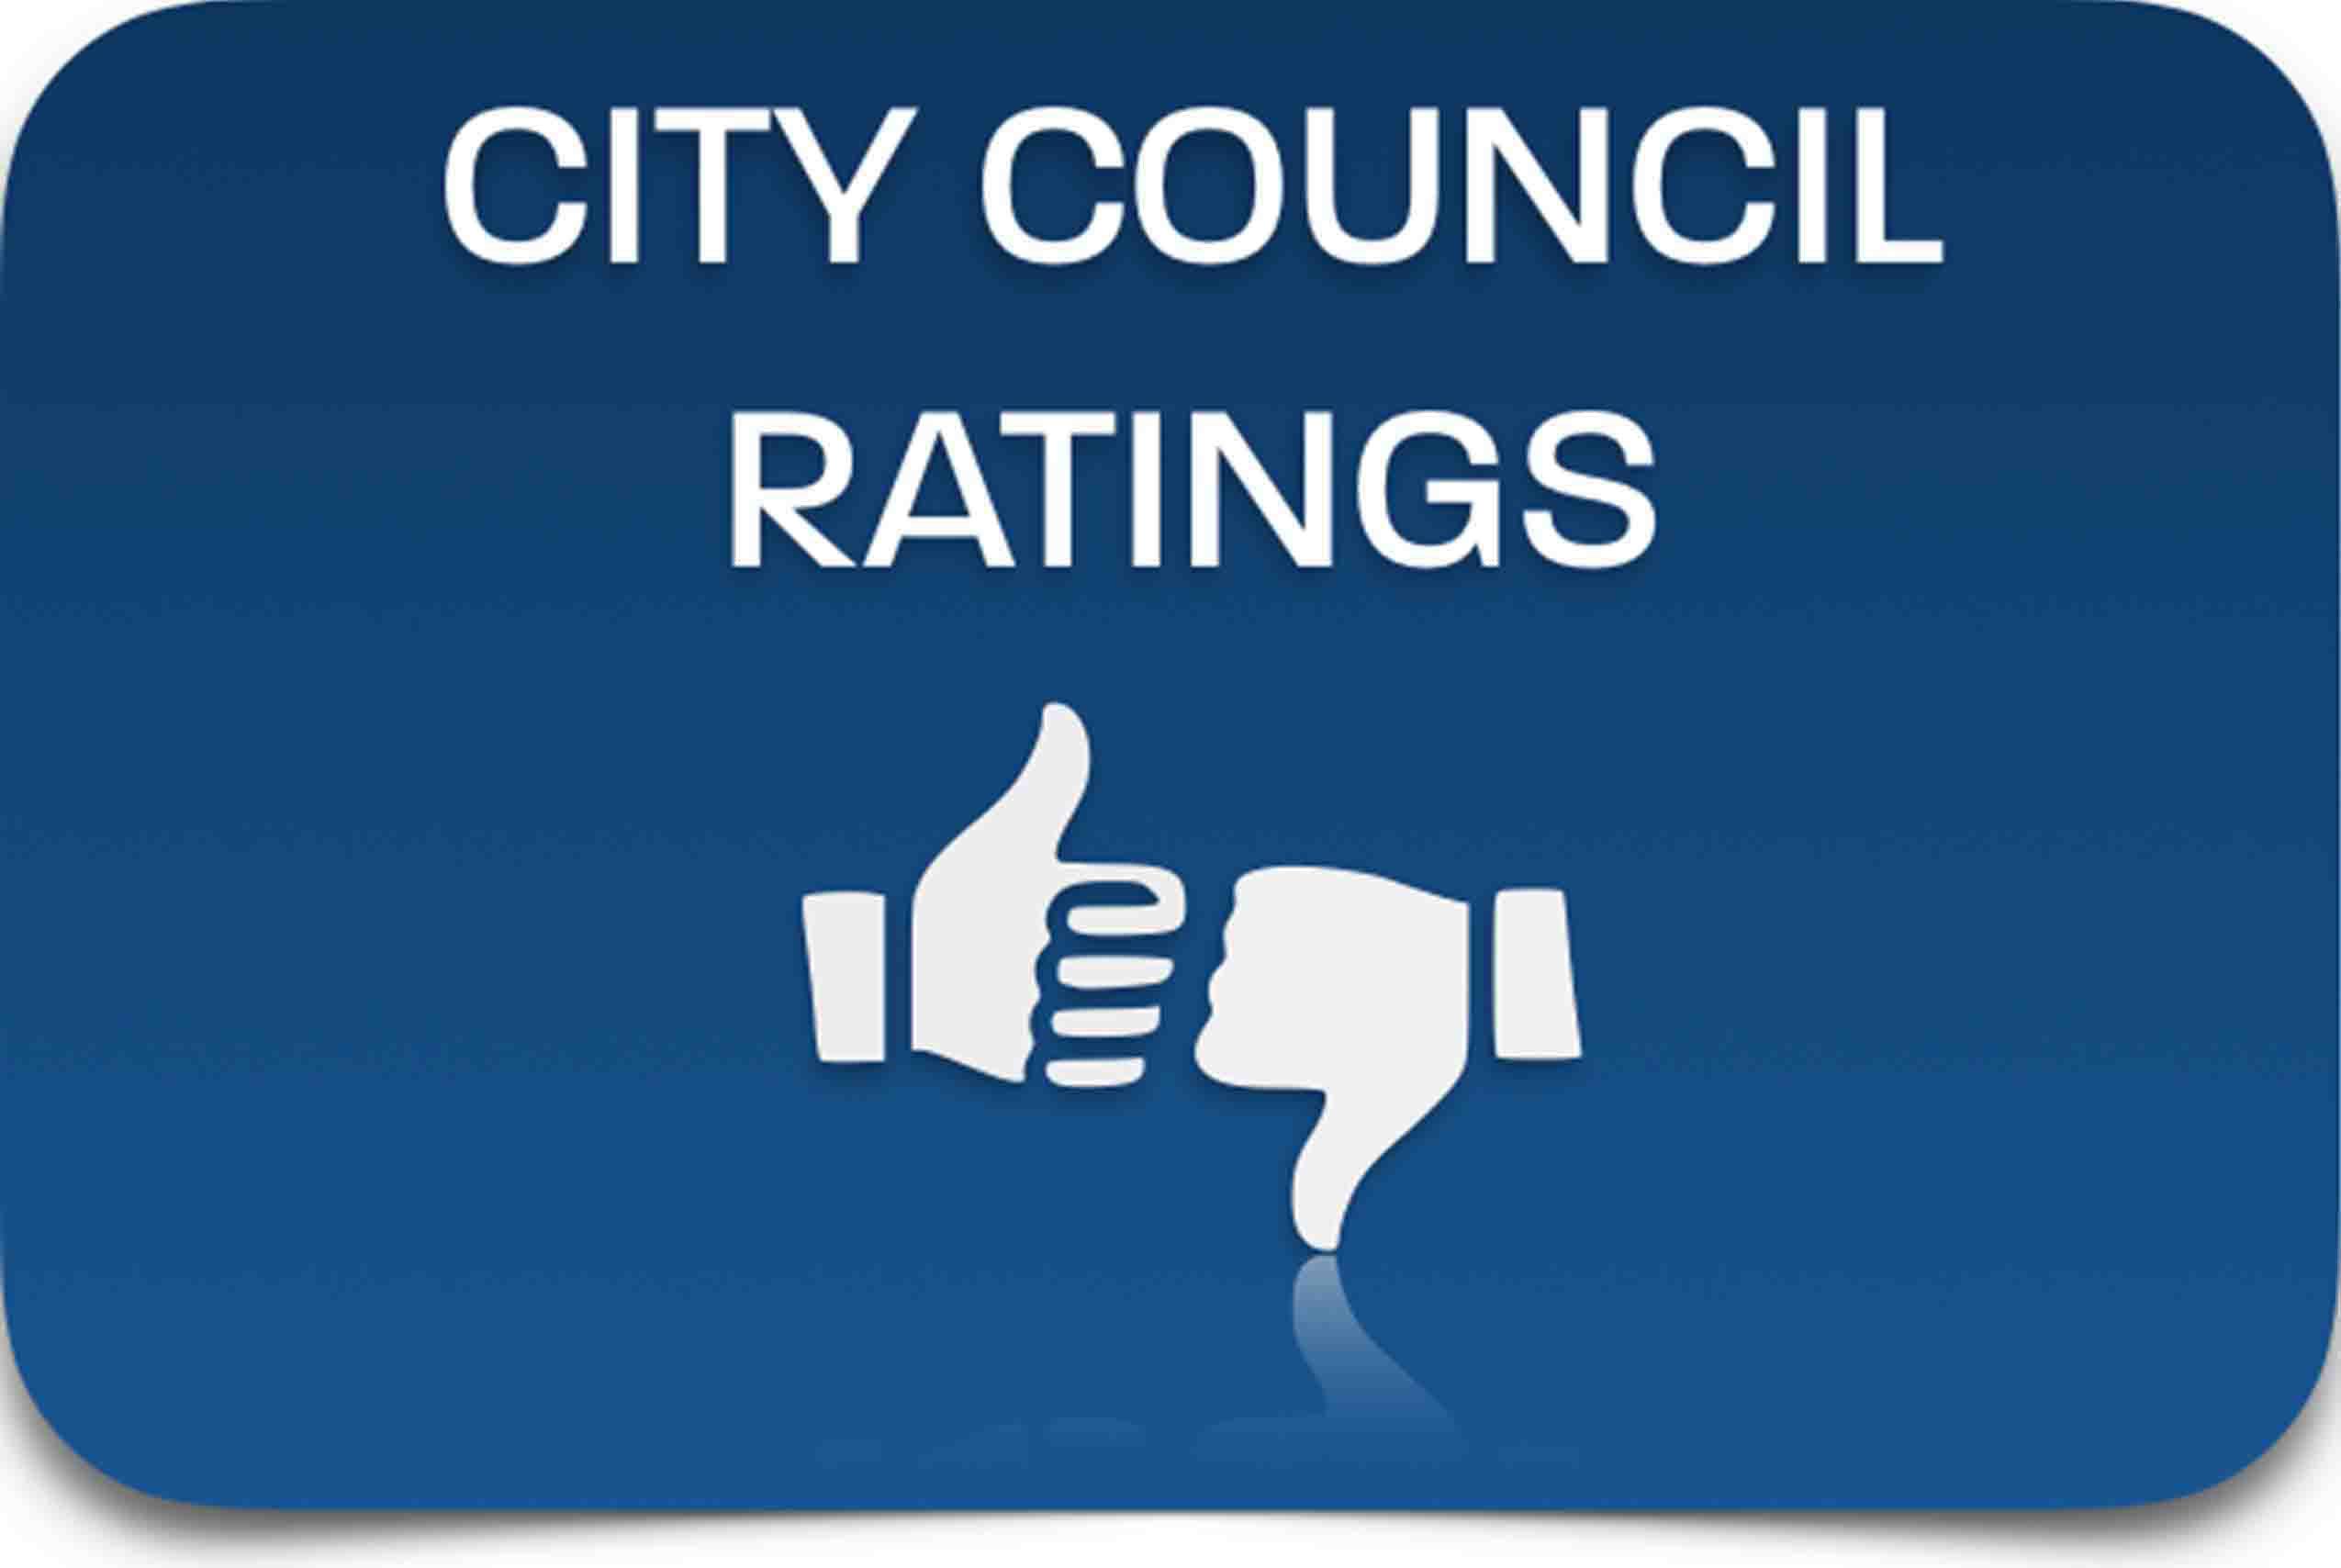 CityCouncil